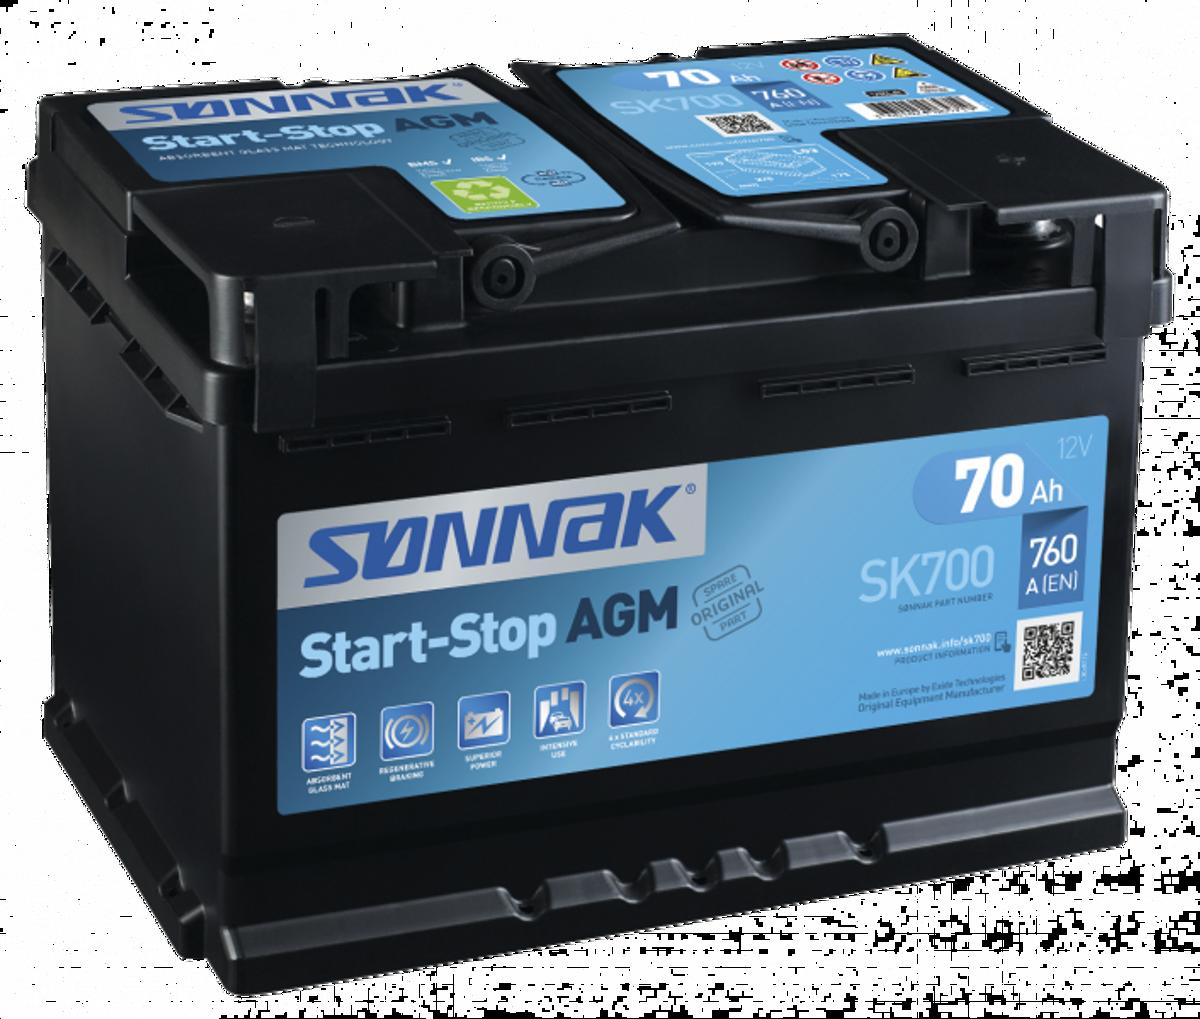 SK700 Sønnak AGM start-stop bilbatteri